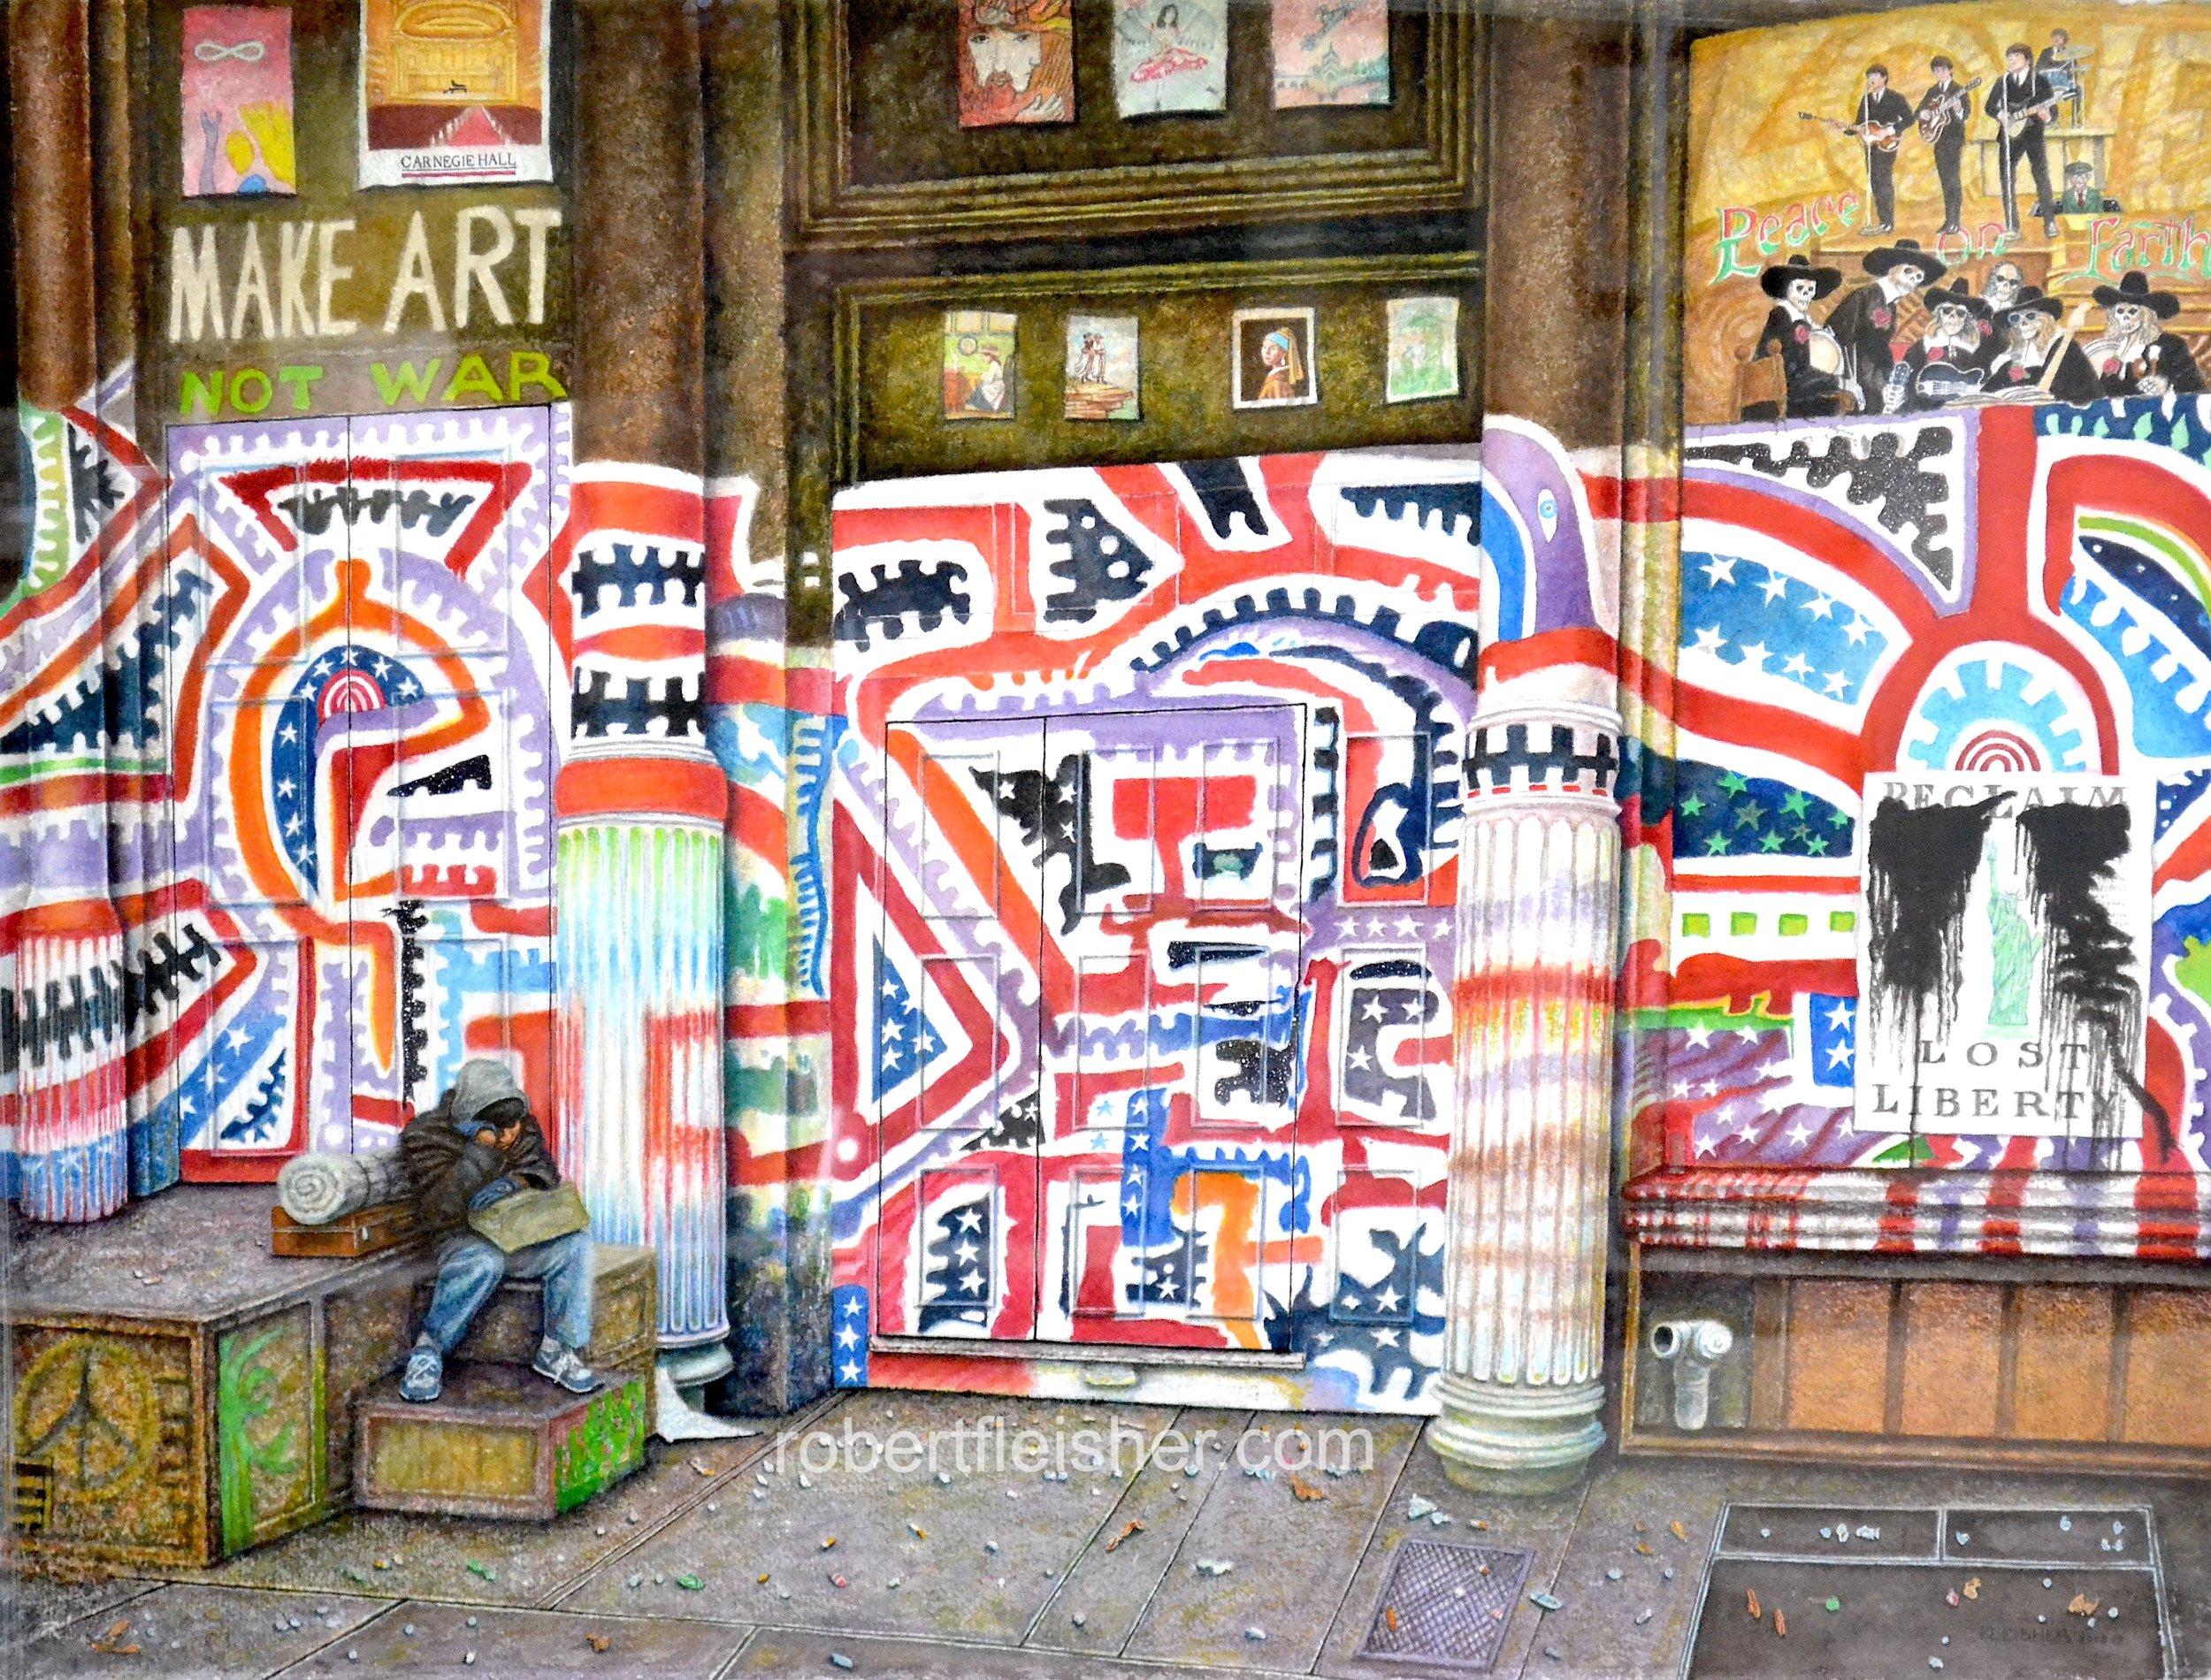 Make Art Not War   2008   30x22   watercolor